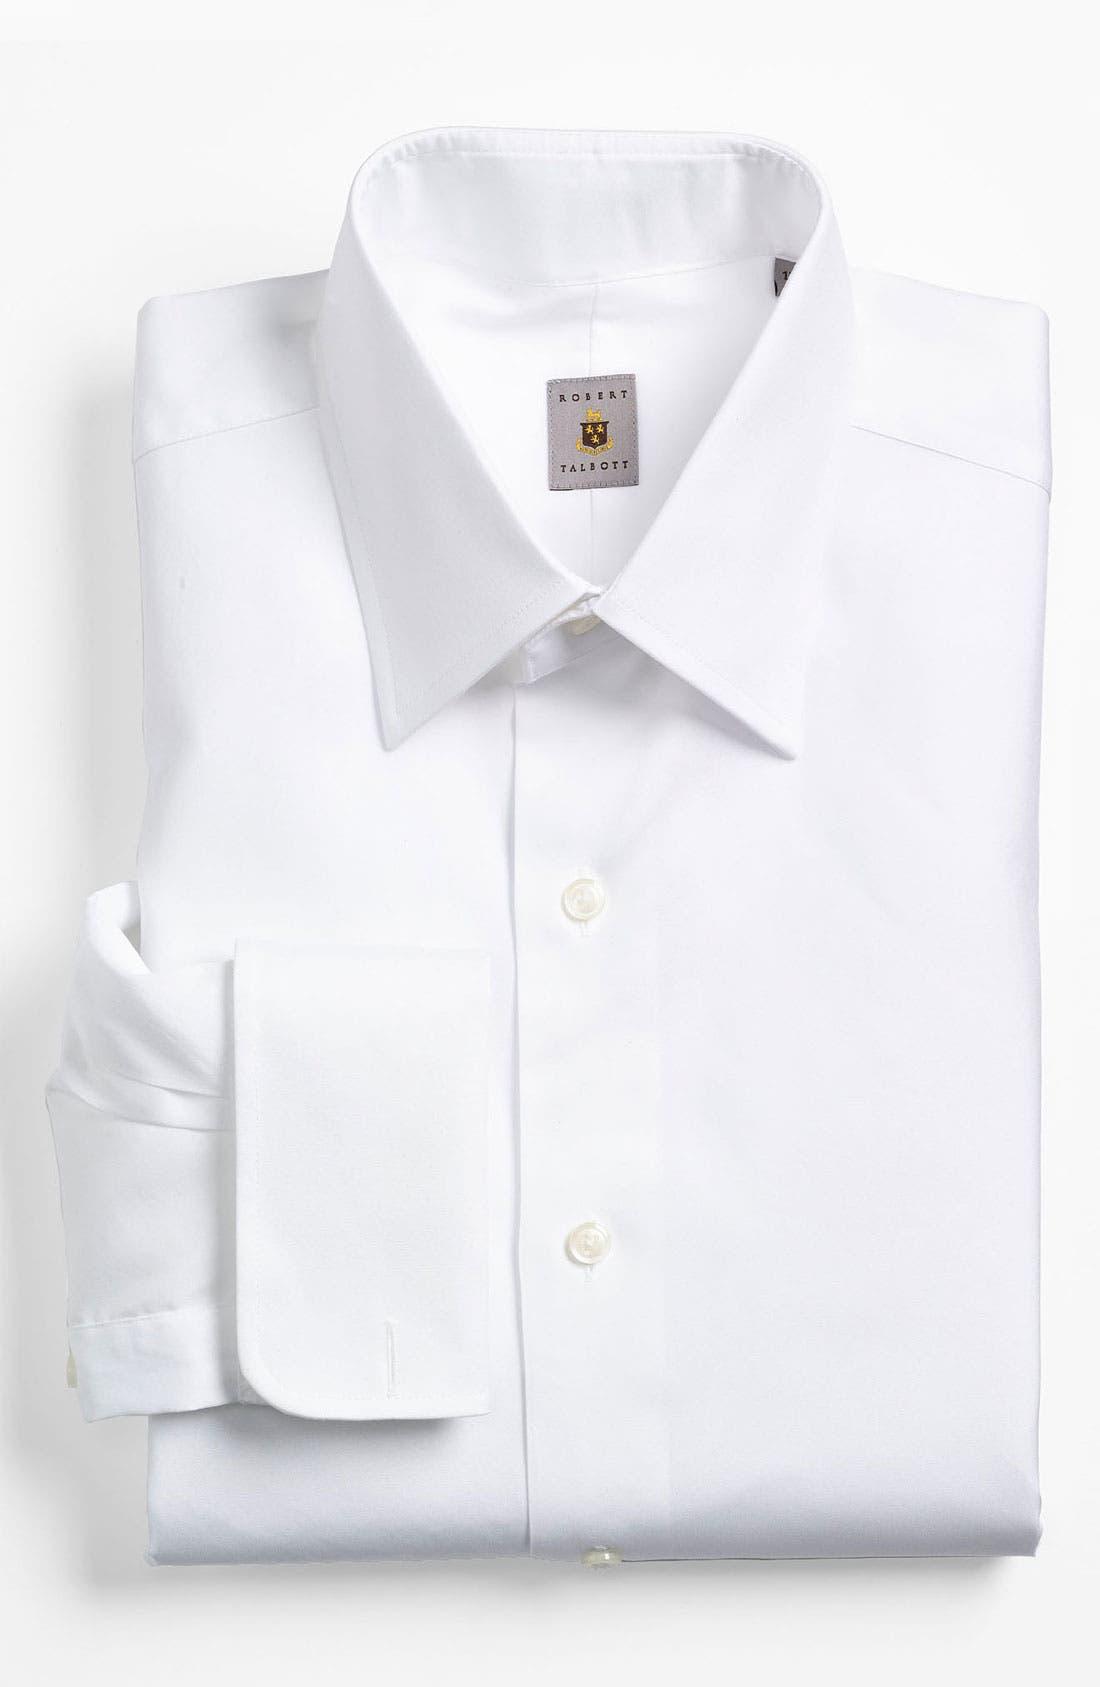 Robert Talbott Classic Fit Tuxedo Shirt (Online Only)